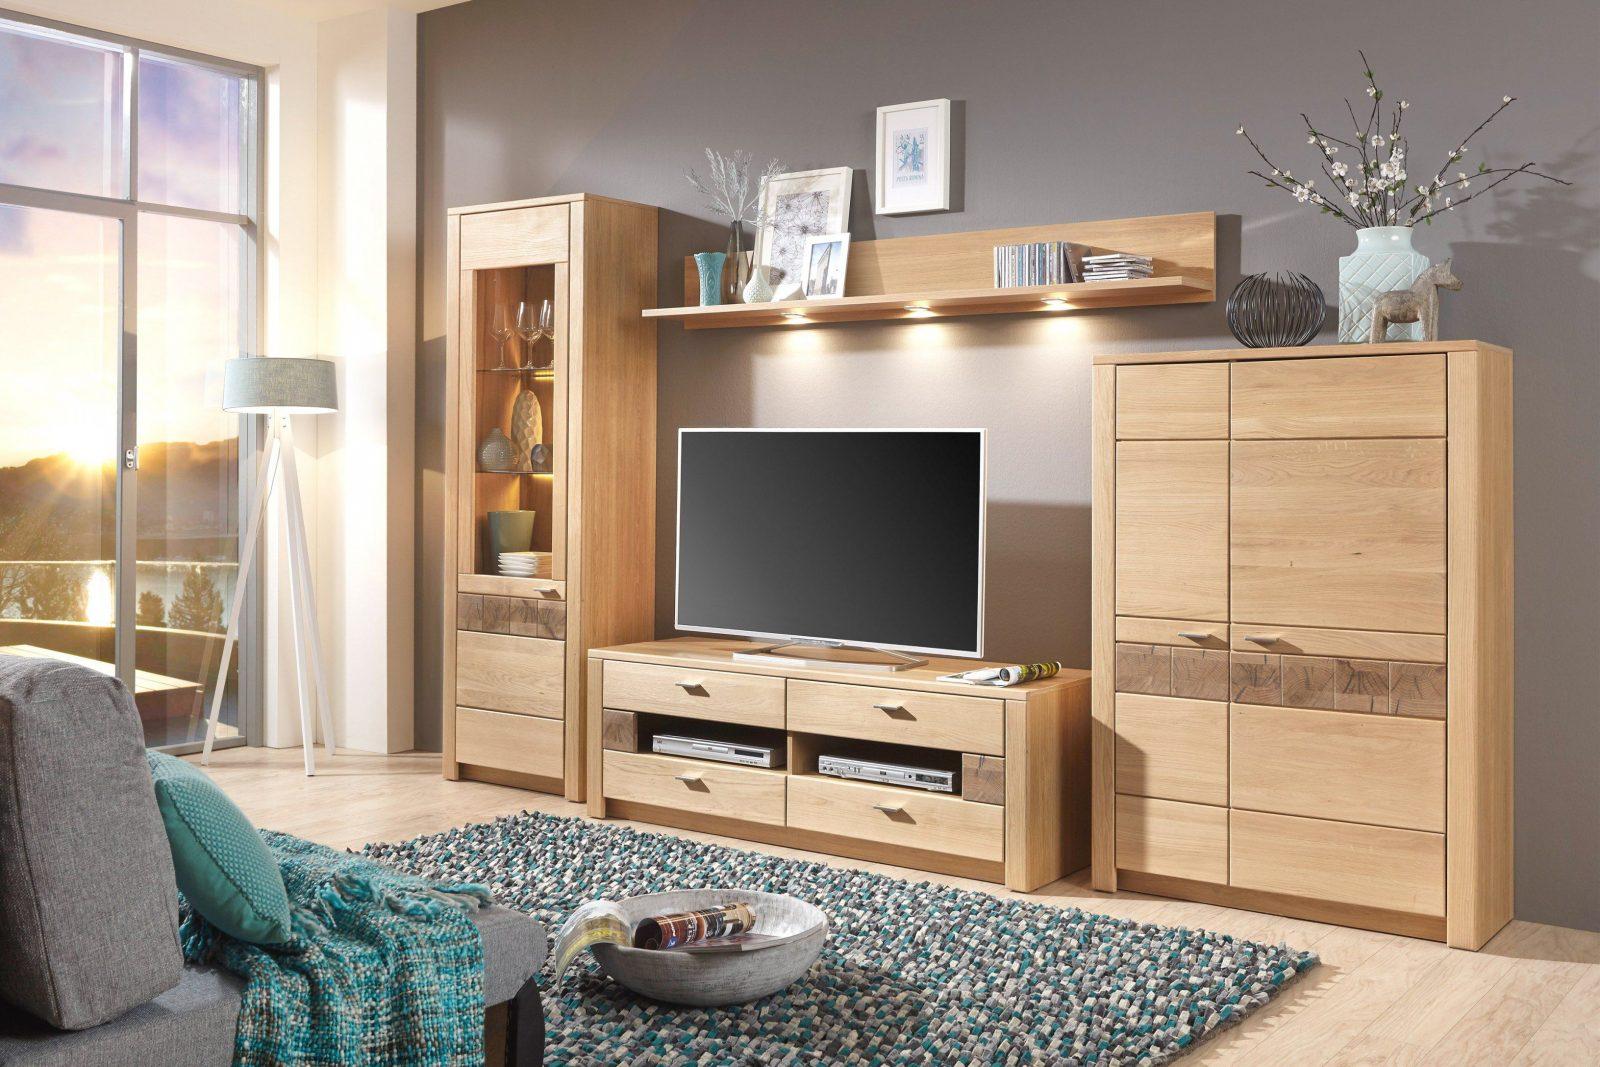 Wohnwand Auf Raten Kaufen Excellent Wohnwand Tlg Kaufen With von Wohnwand Auf Raten Kaufen Photo